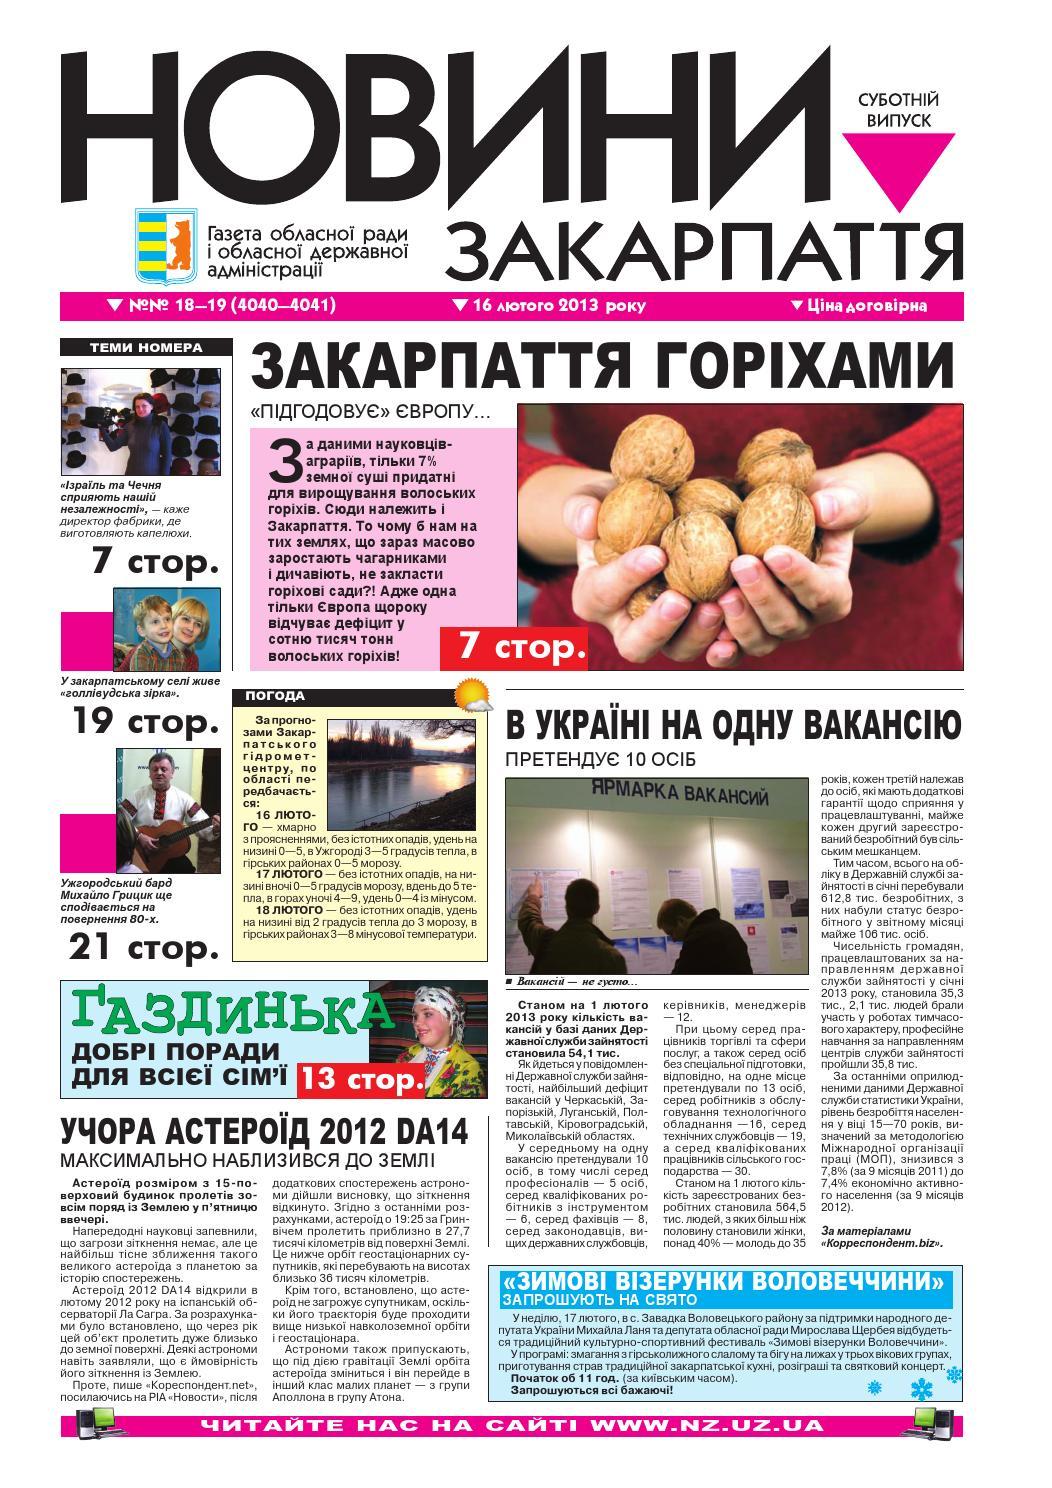 Novini 16 02 2013 №№ 18-19 (4040-4041) by Новини Закарпаття - issuu 16908ba19c226